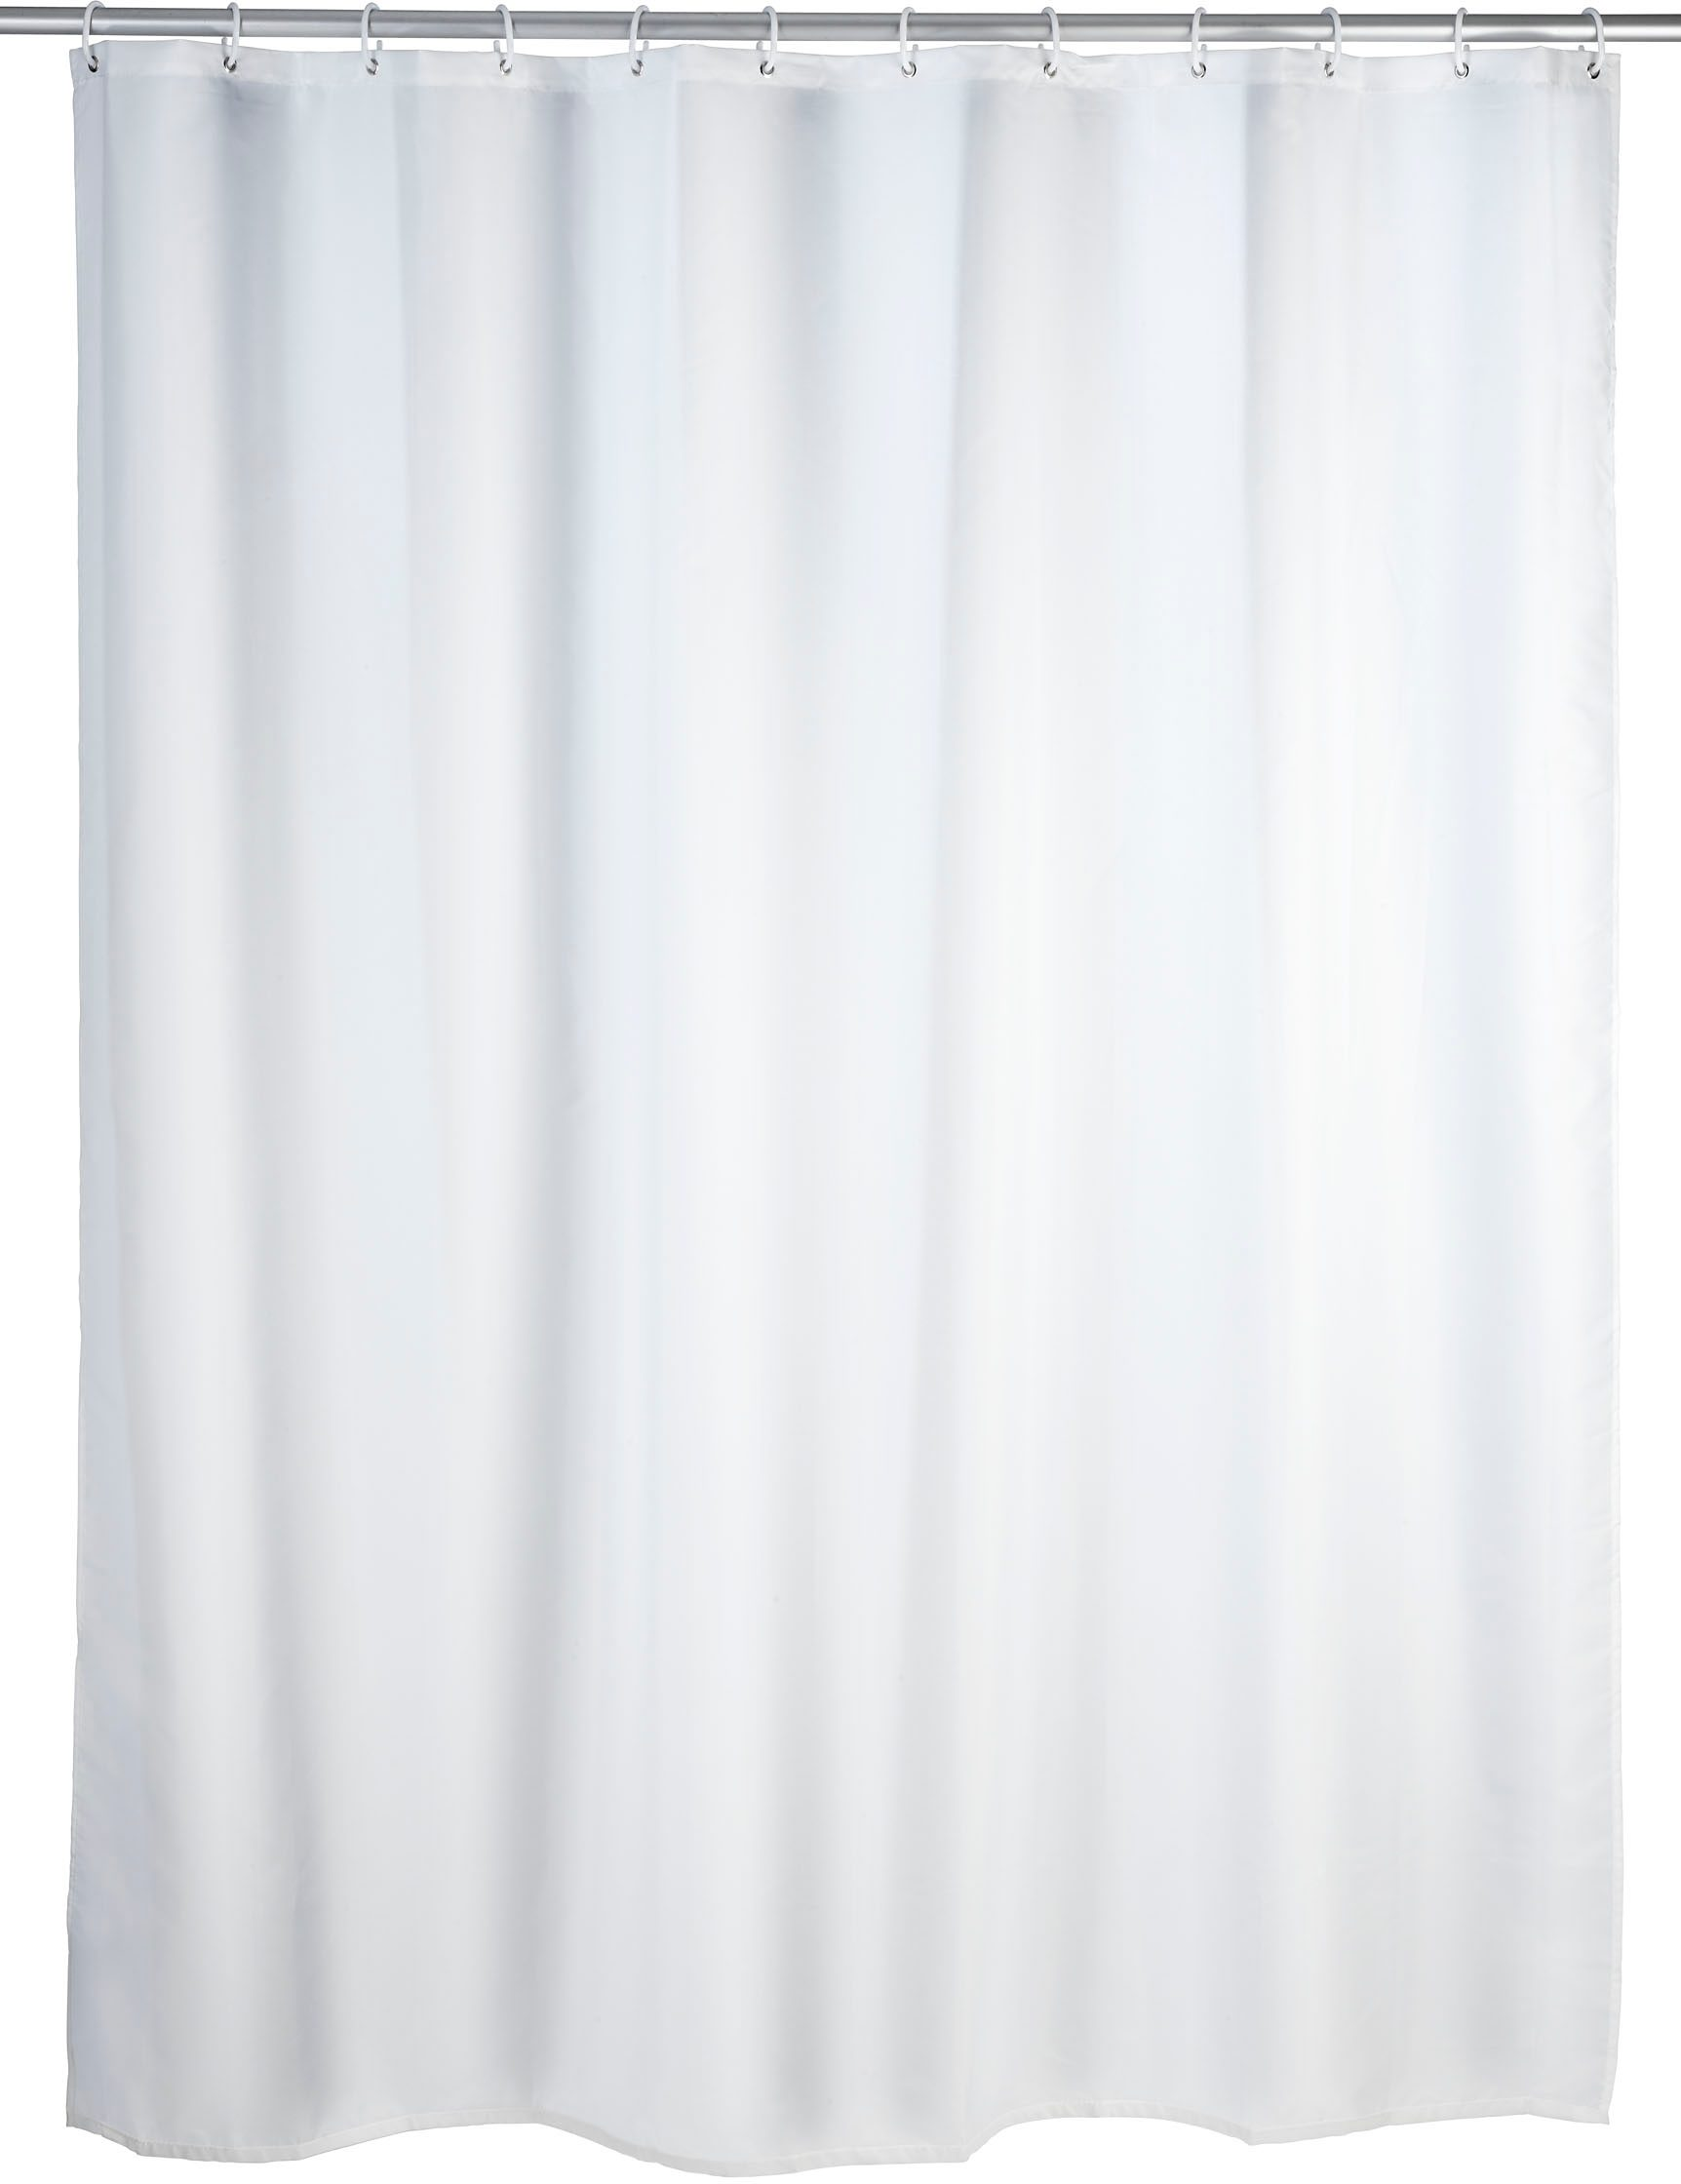 Wenko Duschvorhang Uni, 180/200 cm, waschbar